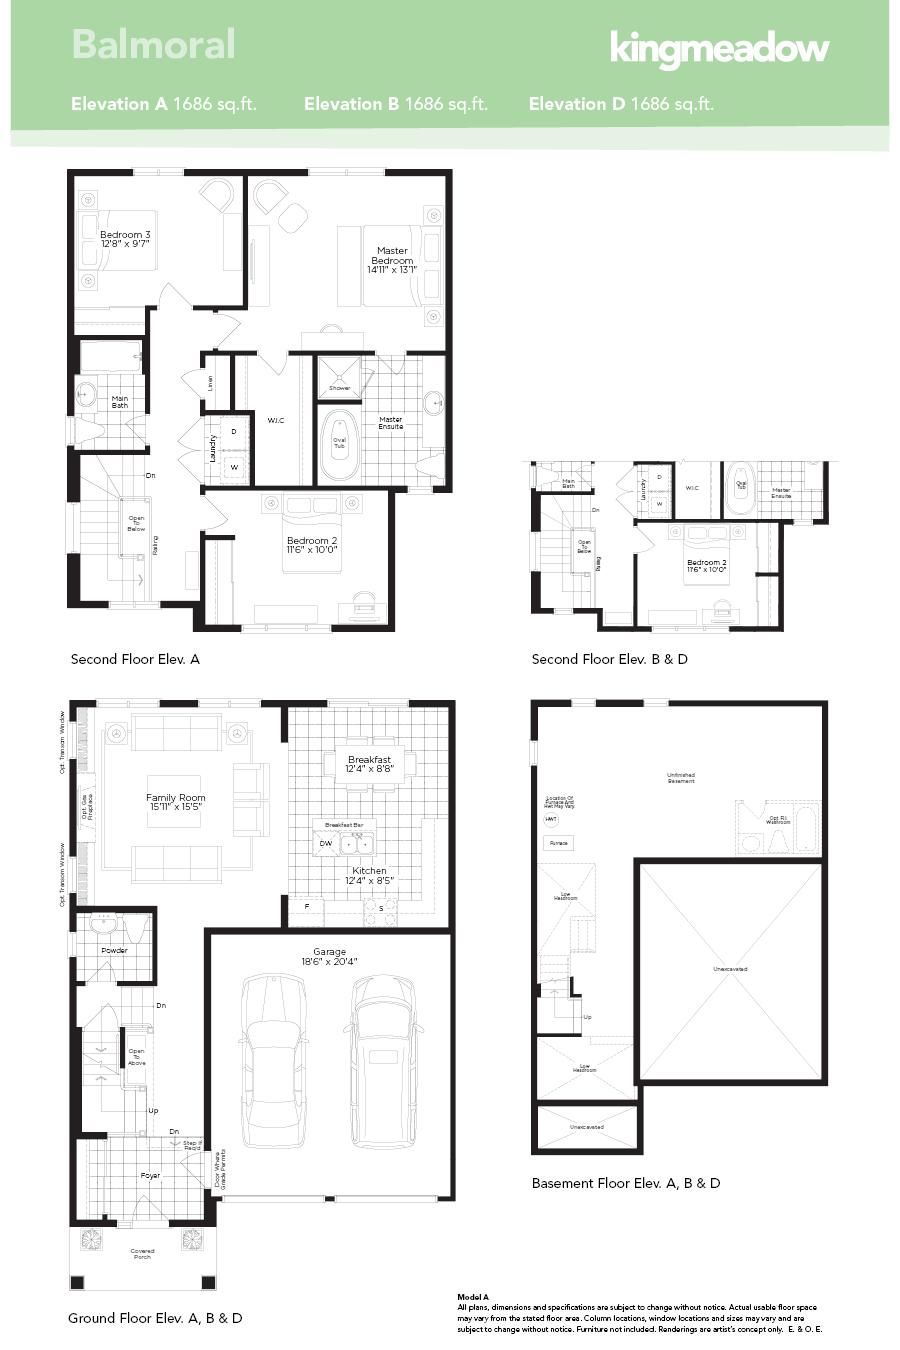 Kingmeadow Balmoral Model Oshawa New Homes Minto